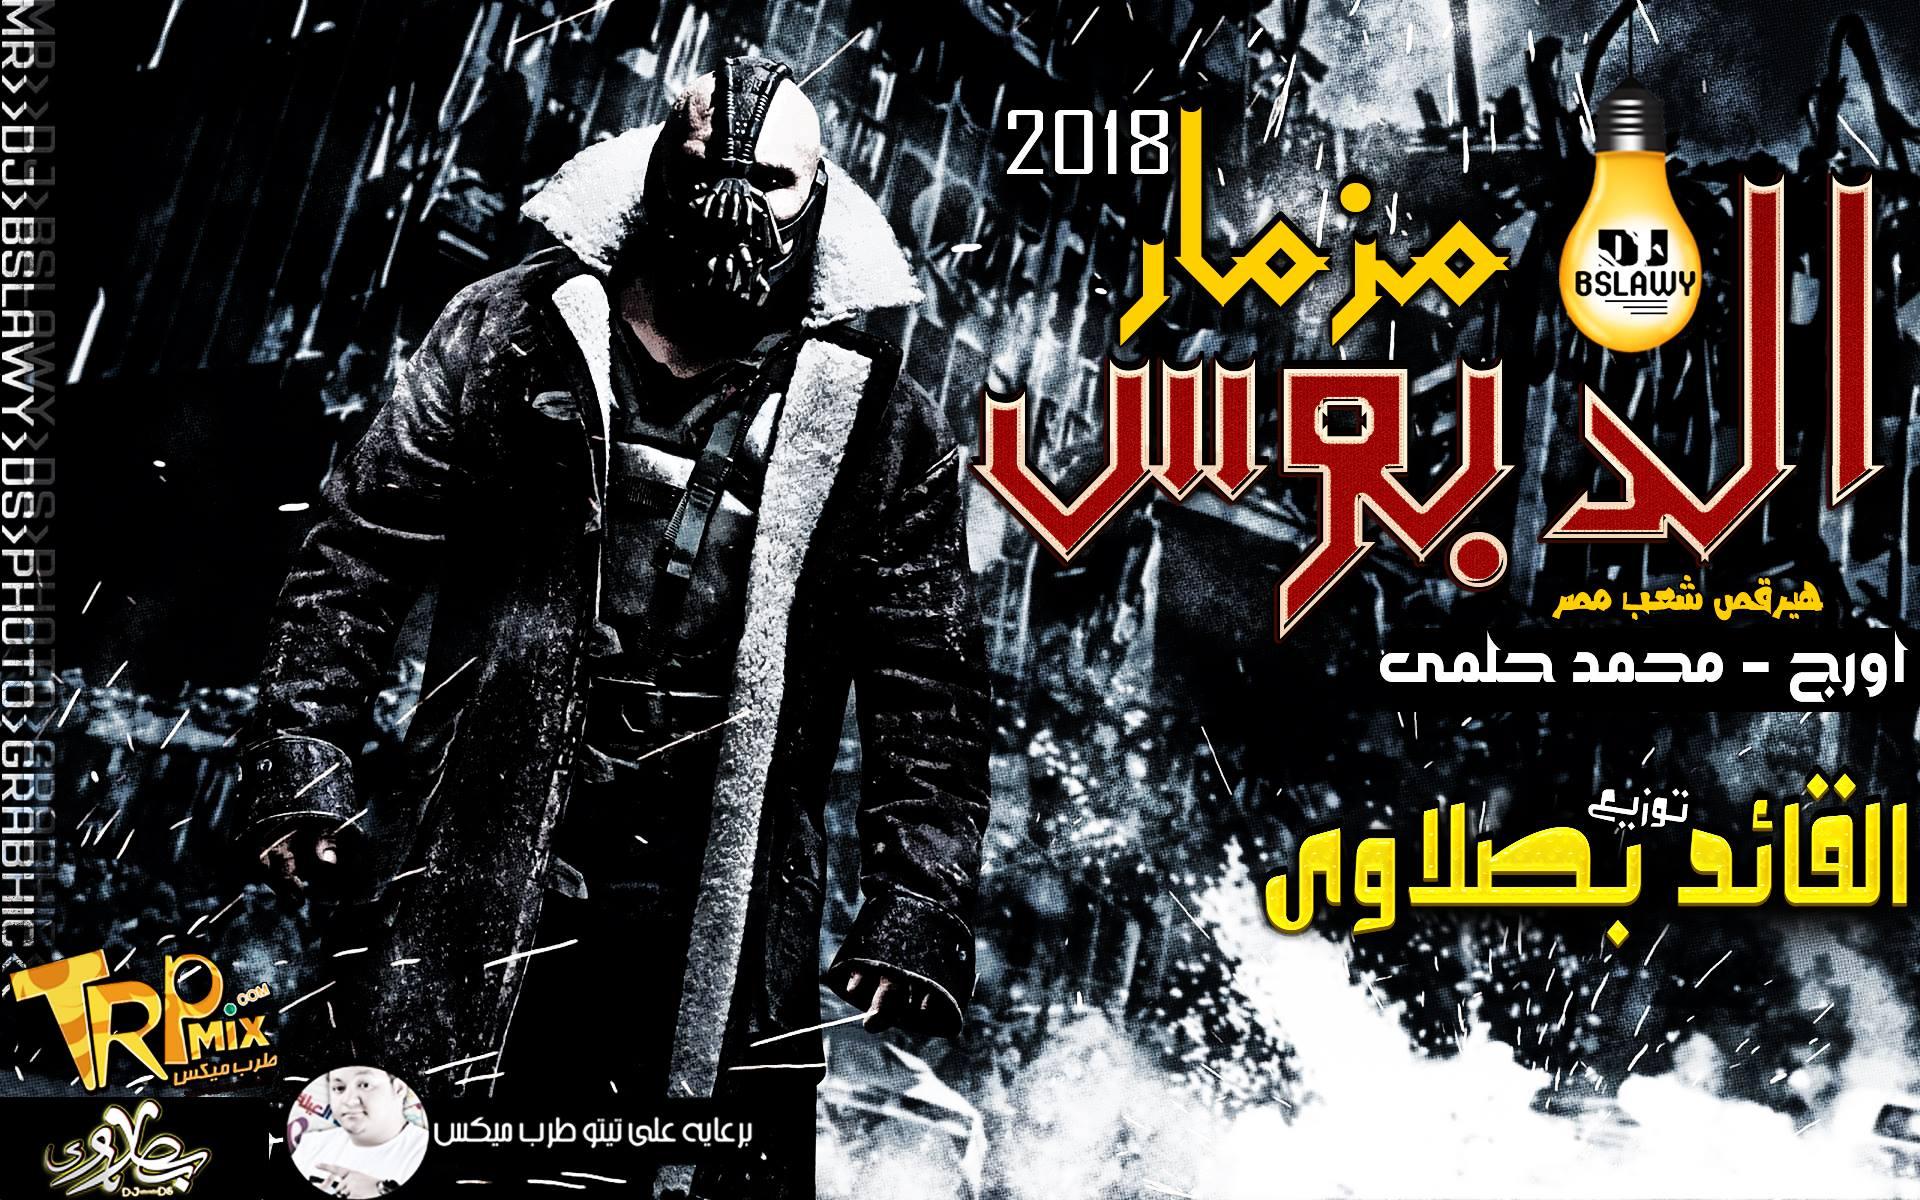 مزمار الدبوس - اللحان محمد حلمى - توزيع القائد بصلاوى